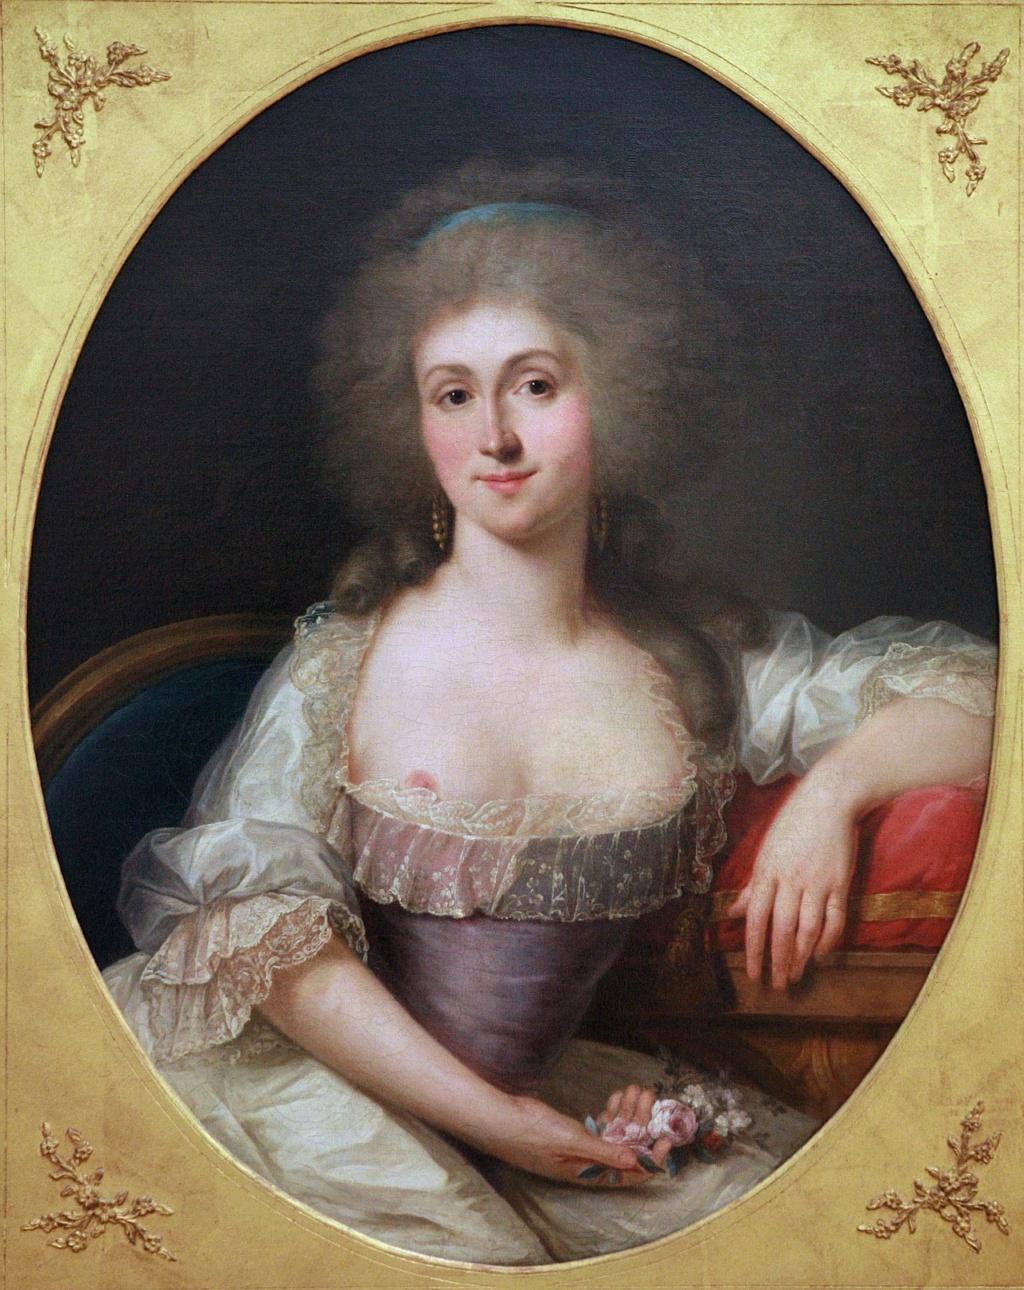 Portraits de la princesse de Lamballe - Page 11 1280px45